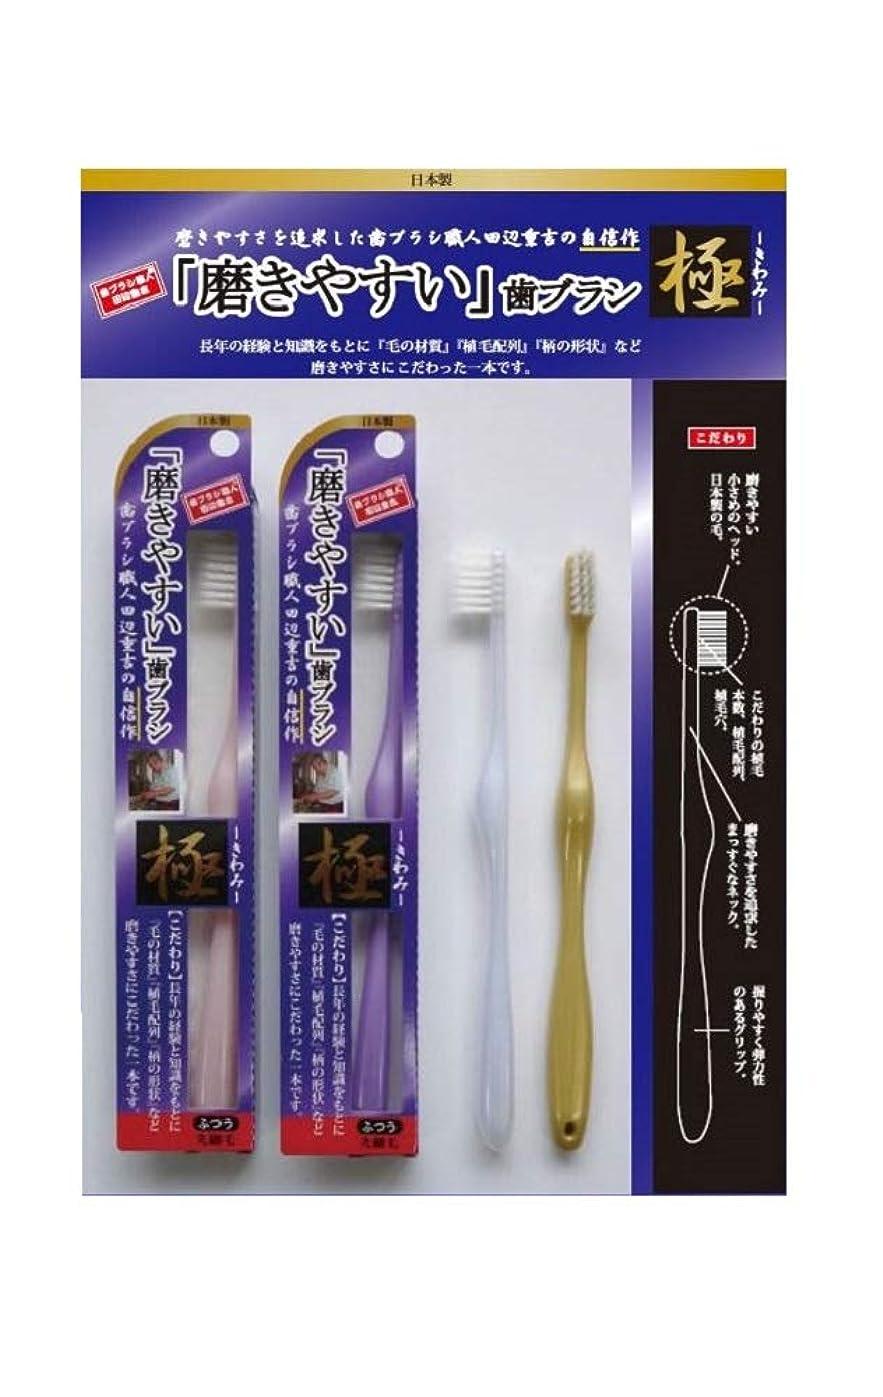 約ヘルメット聖歌歯ブラシ職人 田辺重吉 磨きやすい歯ブラシ 極 先細毛タイプ LT-22(1本×4個セット)